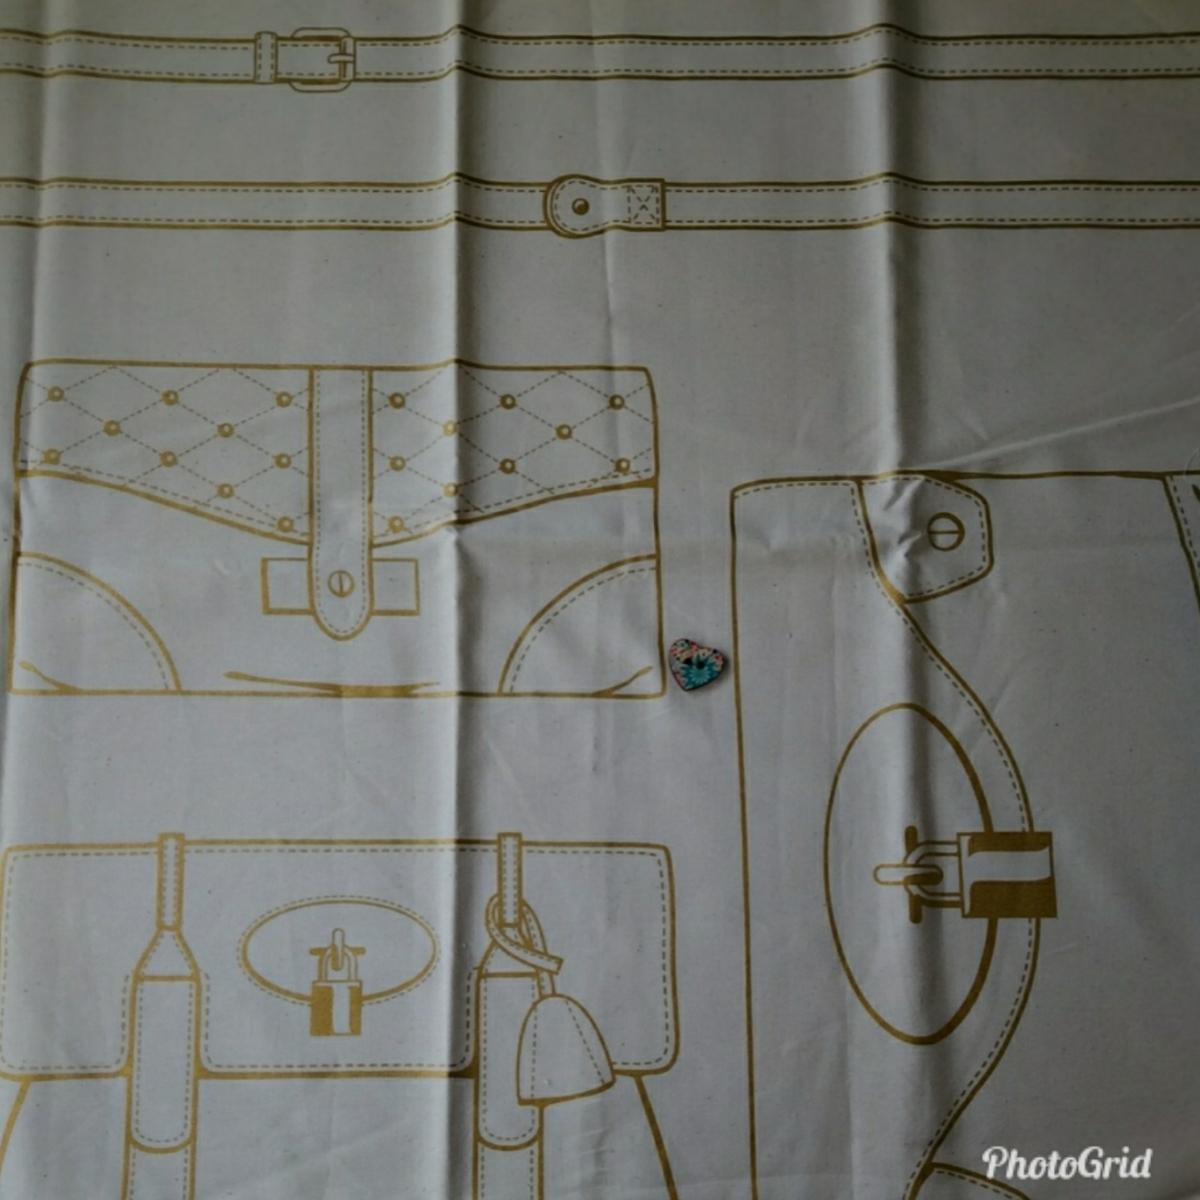 だまし絵 バーキン風バッグやポーチが四つ作れます 作り方付き 数量2がおすすめ カス入り オックス生地 生成り_画像2